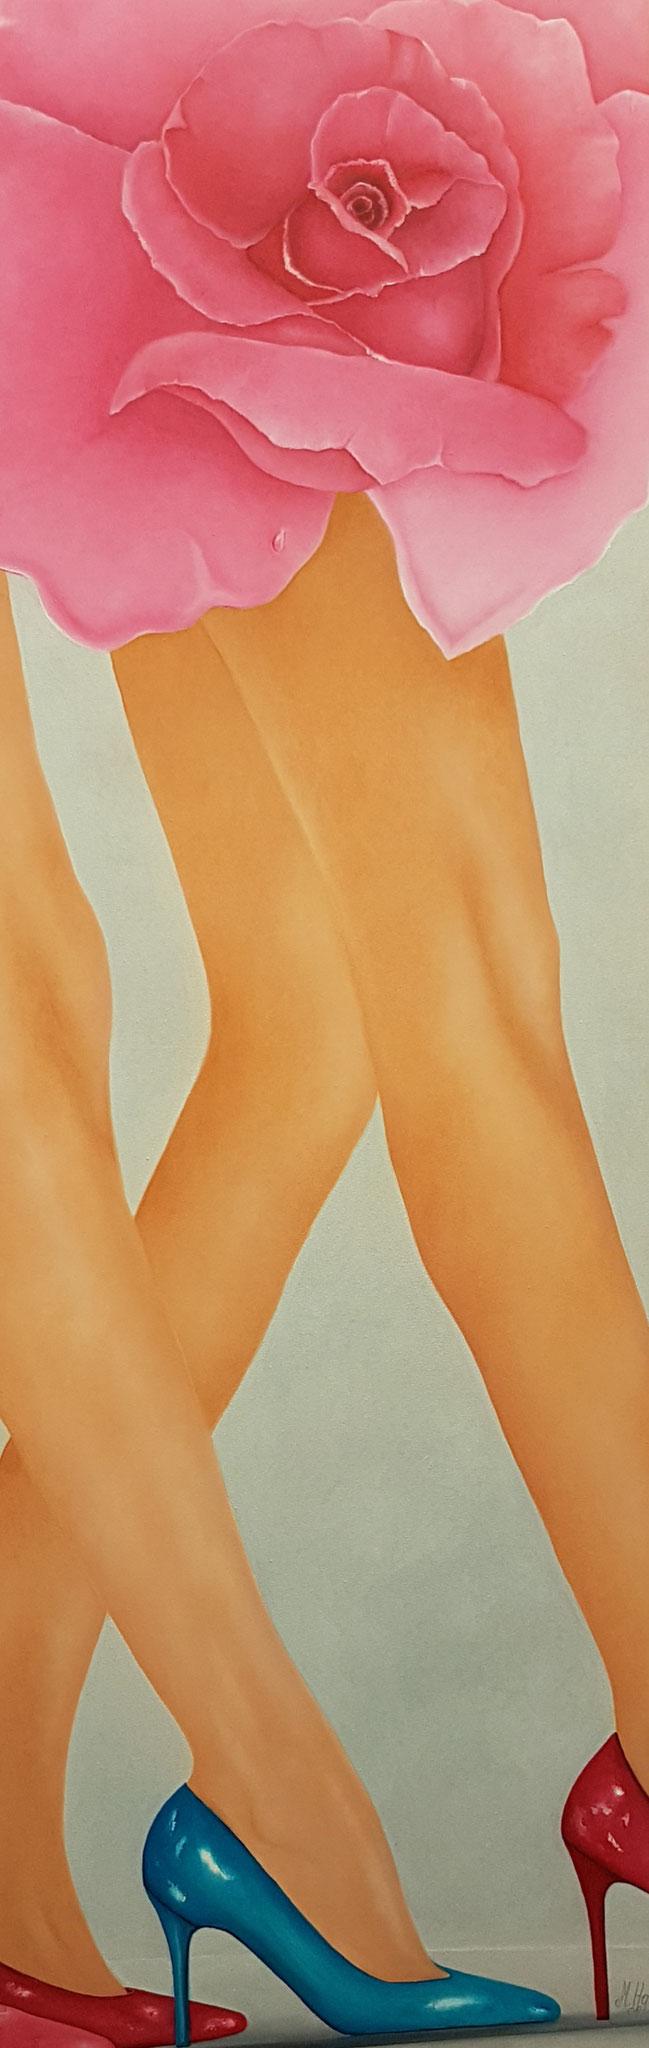 Catwalk4-180x60cm-Oelfarbe-auf-Leinwand-Beine